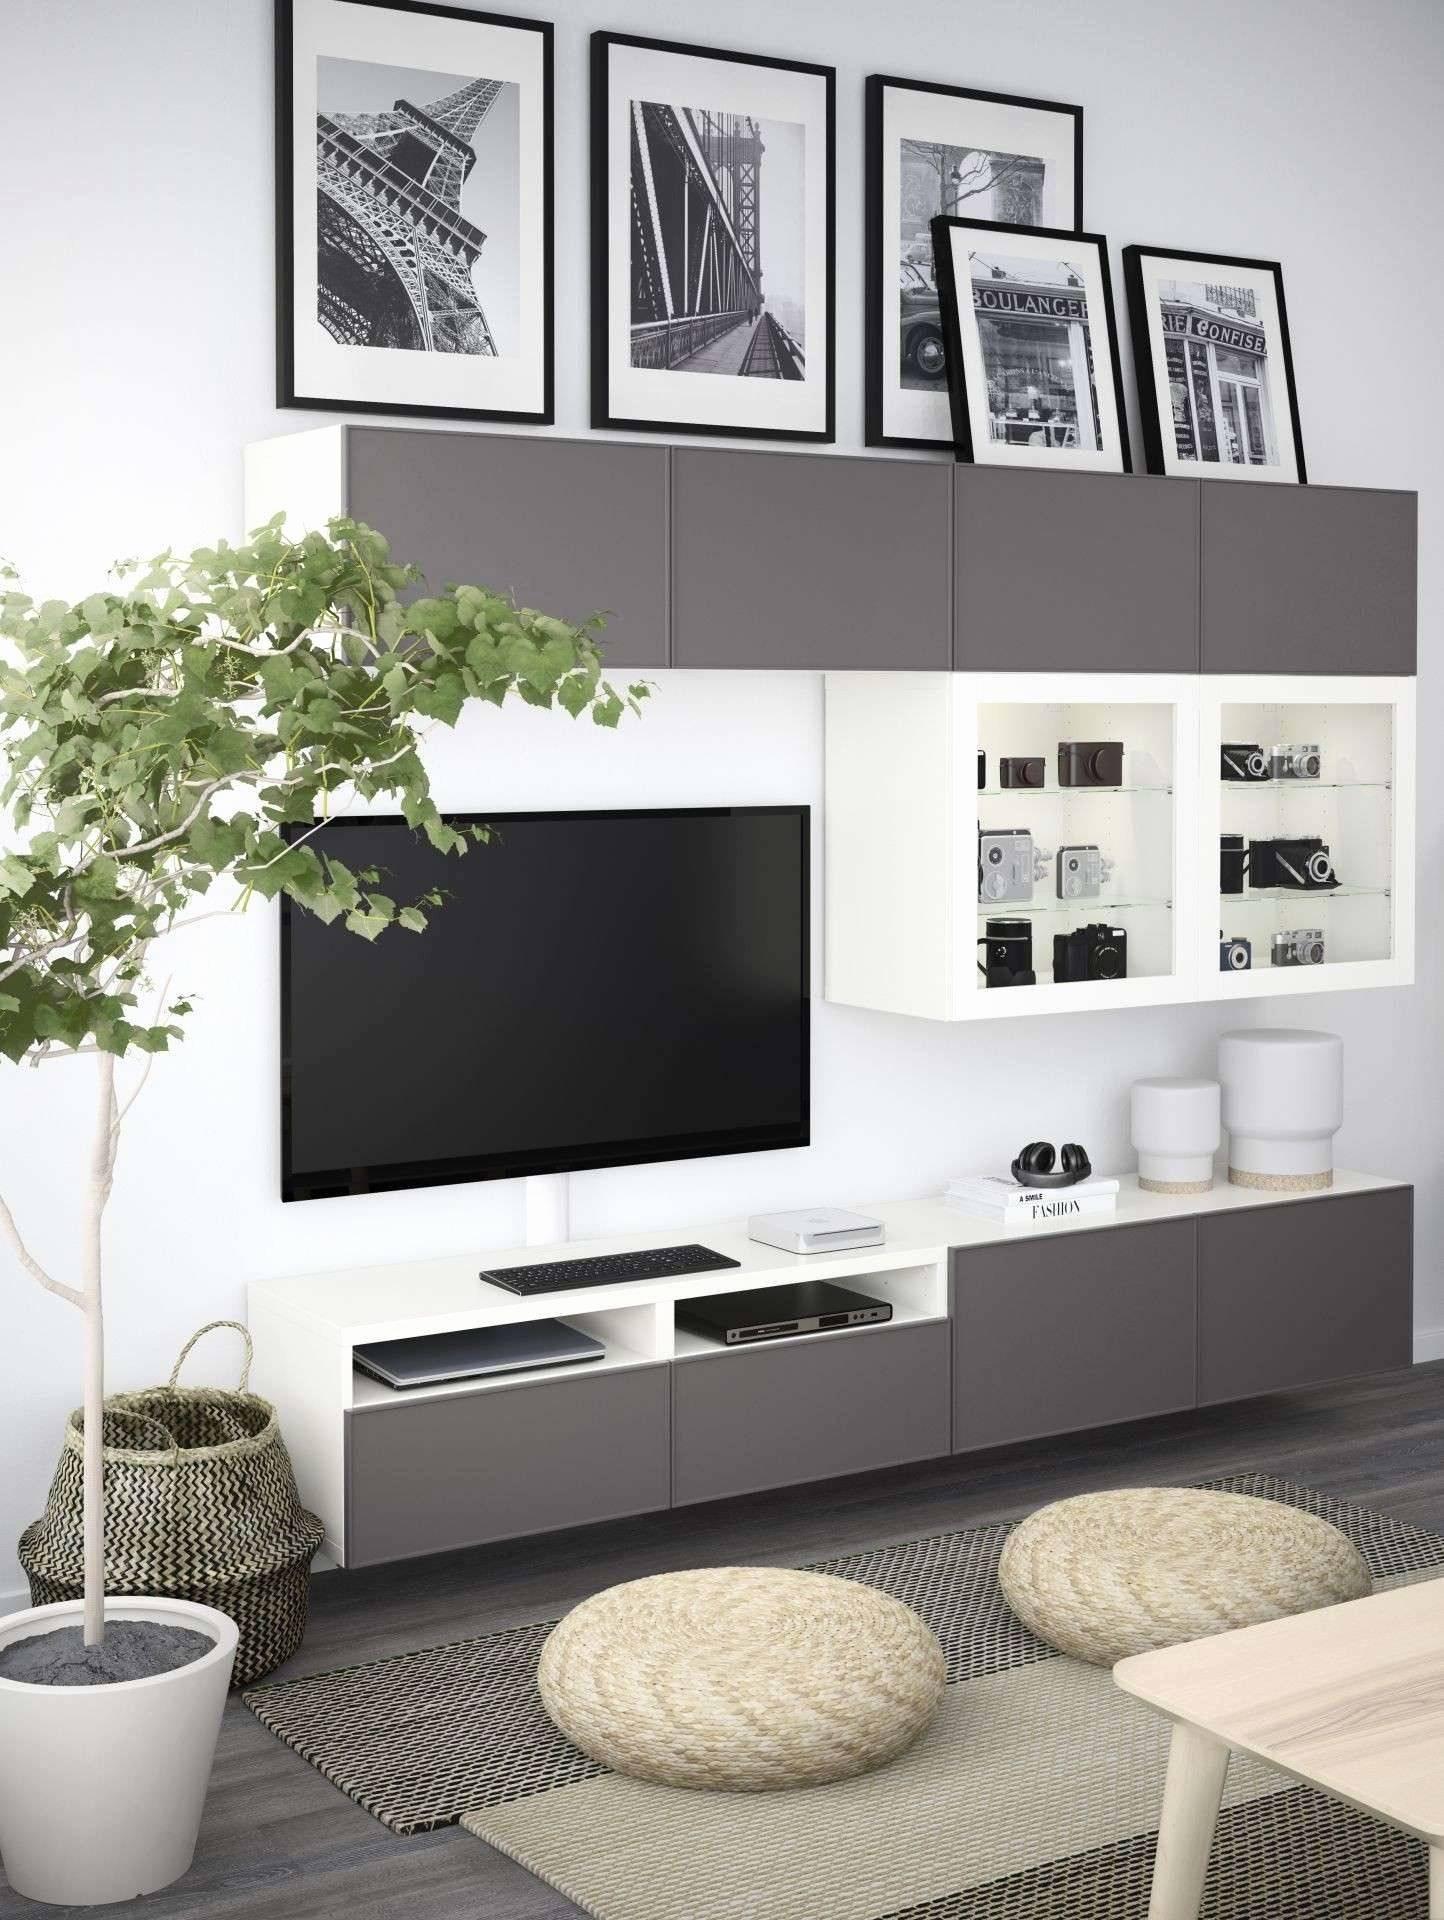 billige deko schön beautiful dekoration wohnzimmer regal